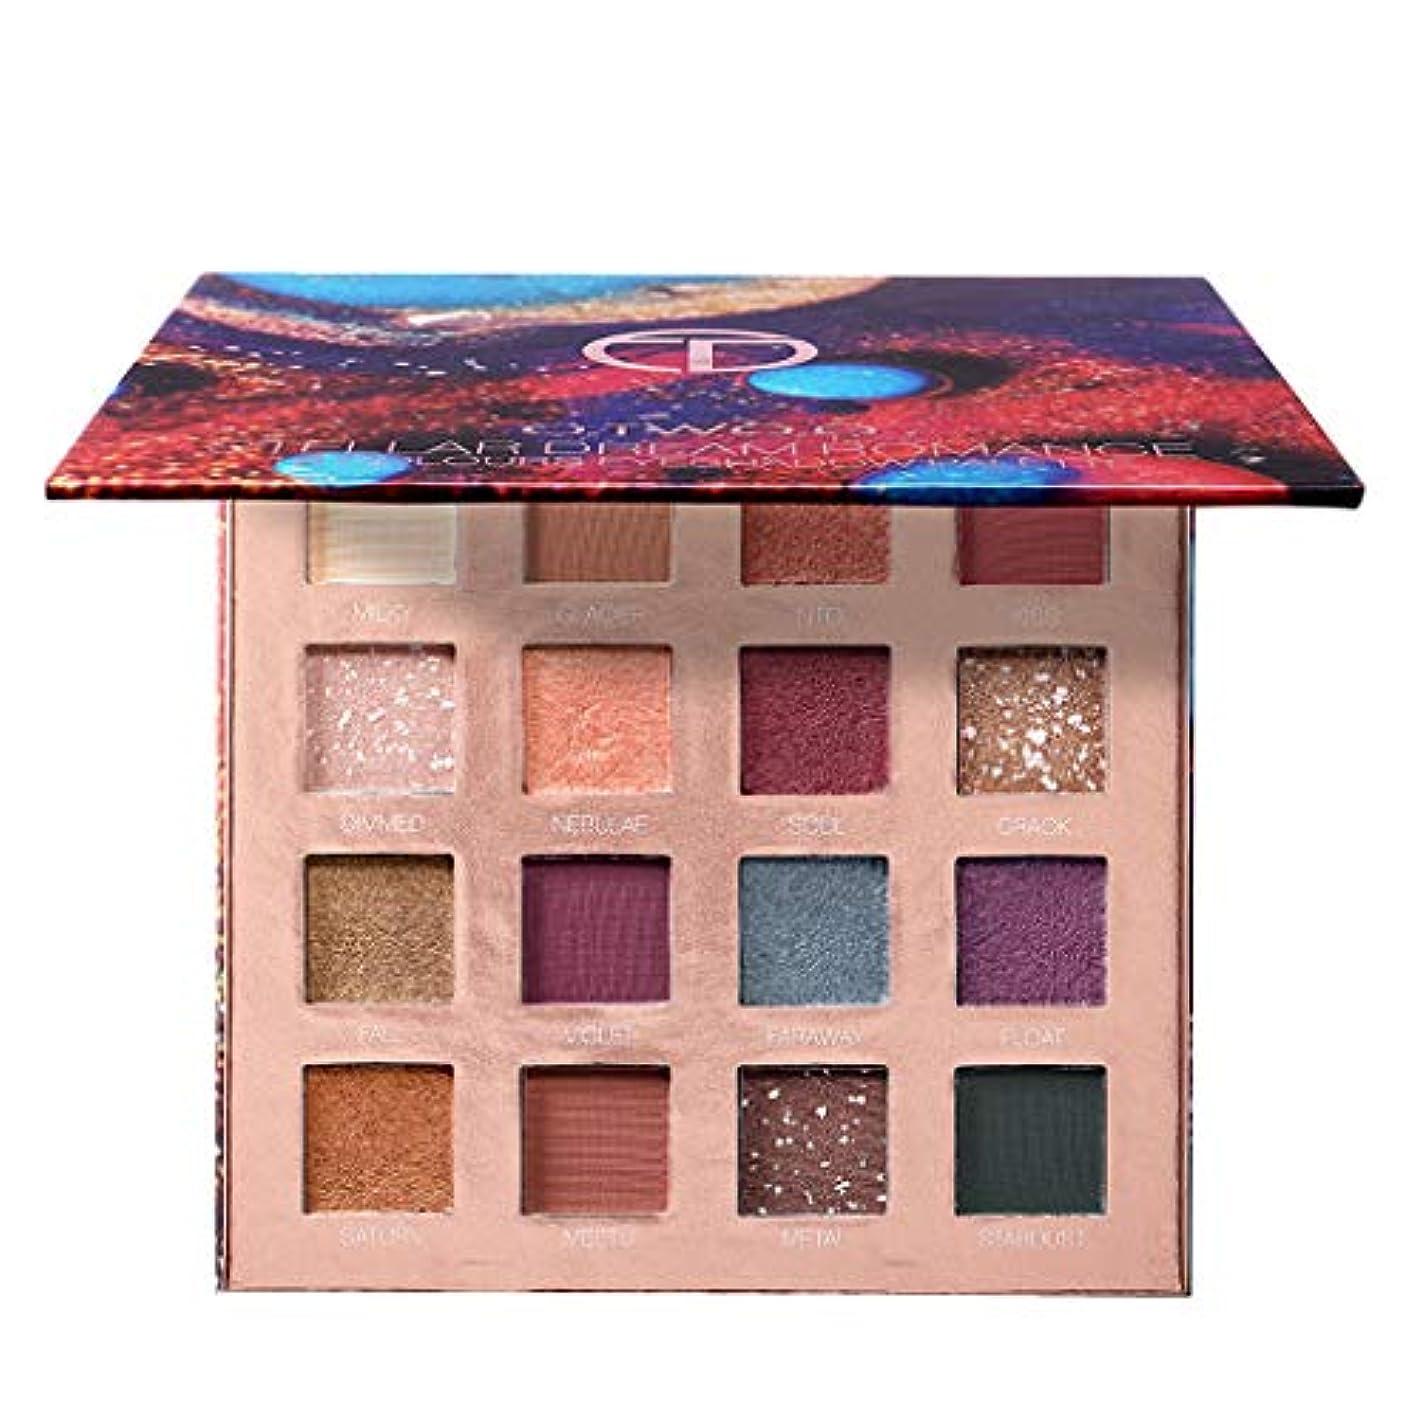 毎日床を掃除する悪名高いLazayyii アイシャドウ化粧品マットアイシャドウクリームメイクアップパレットシマーセット 16色 (01#)